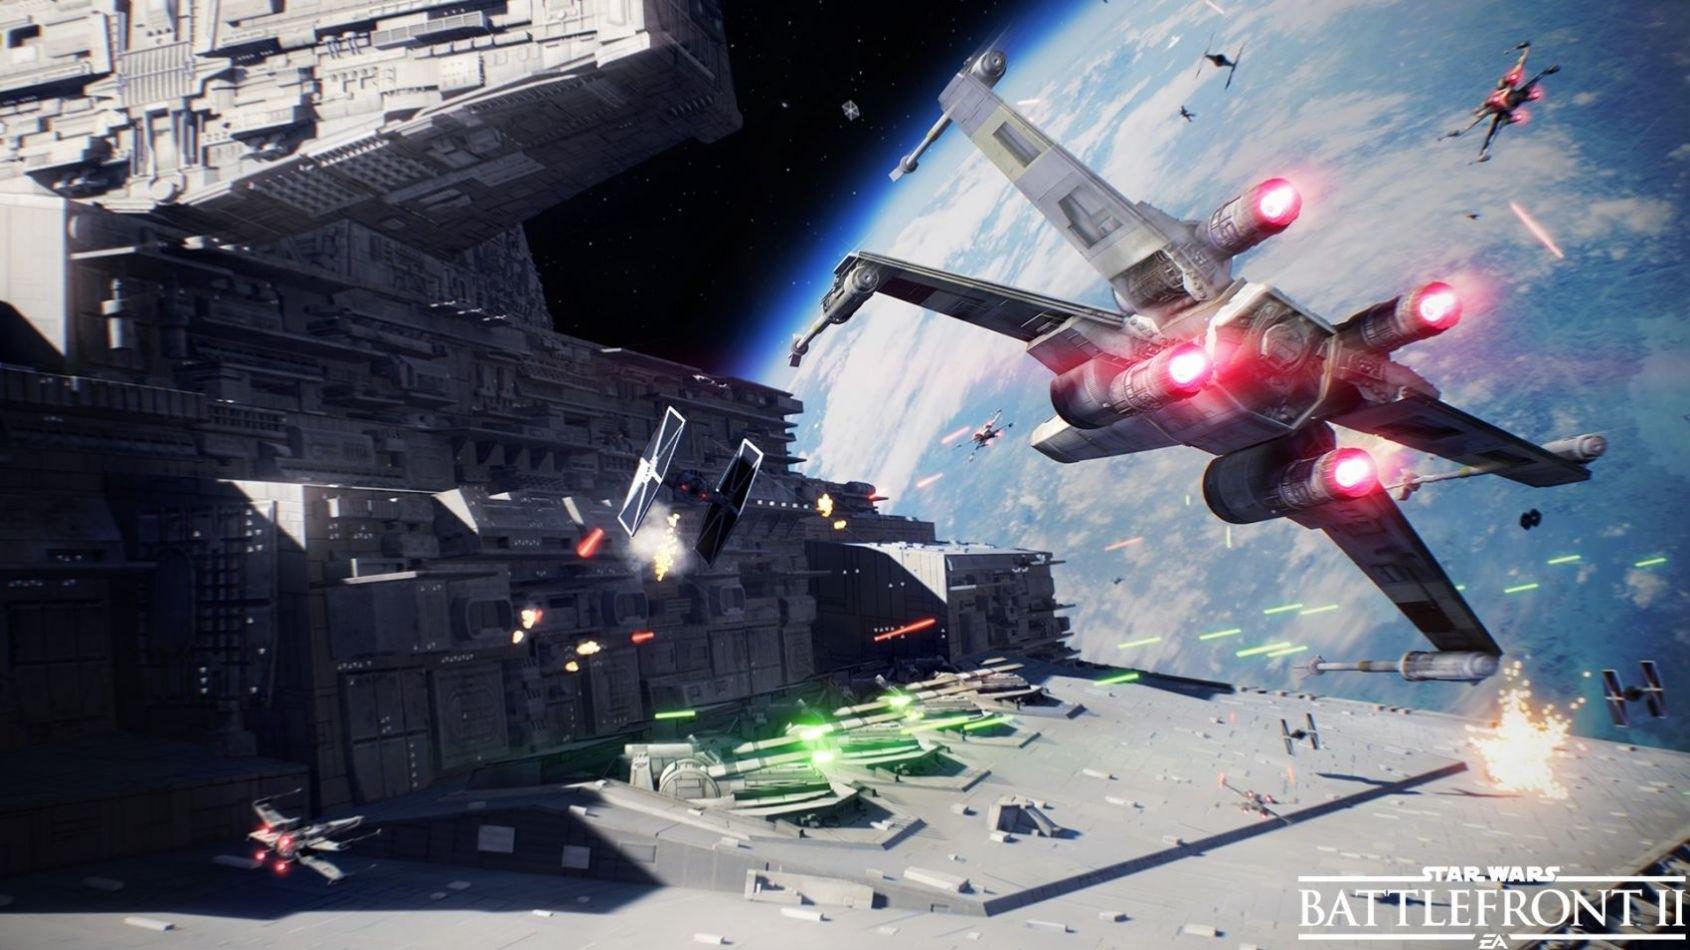 Un nouveau trailer pour Battlefront II !